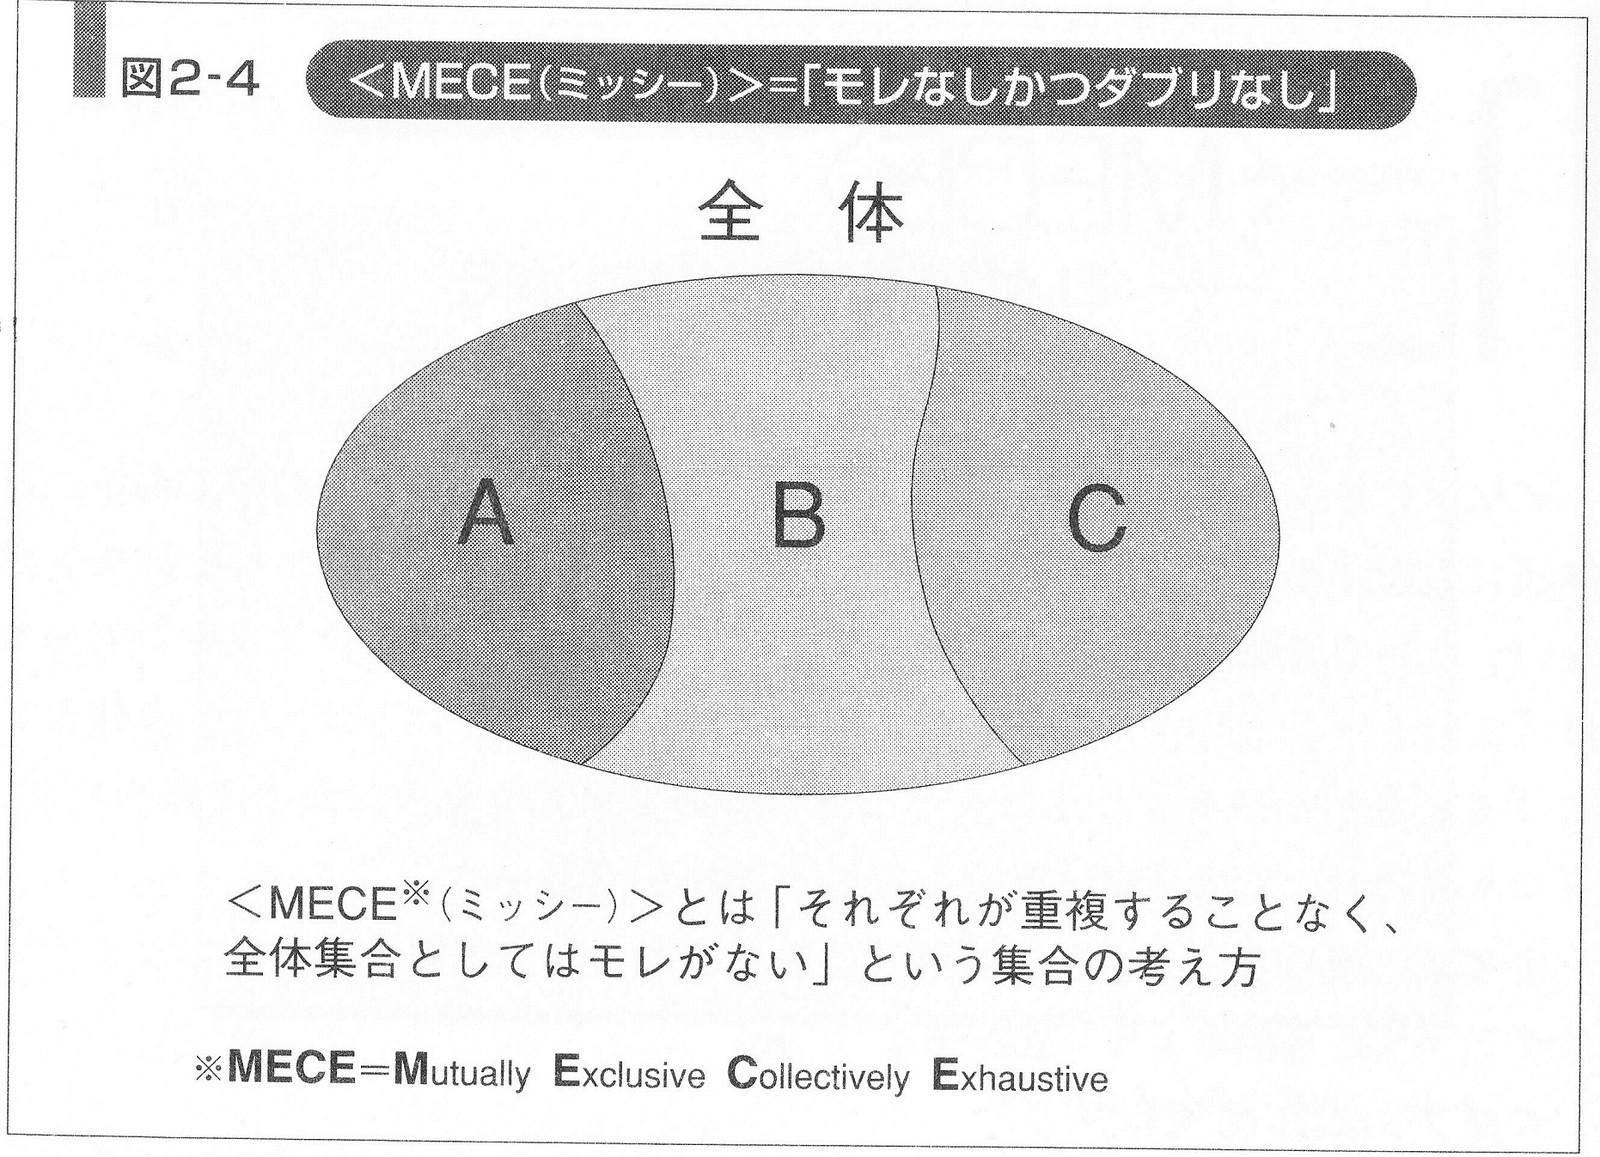 Mece_2